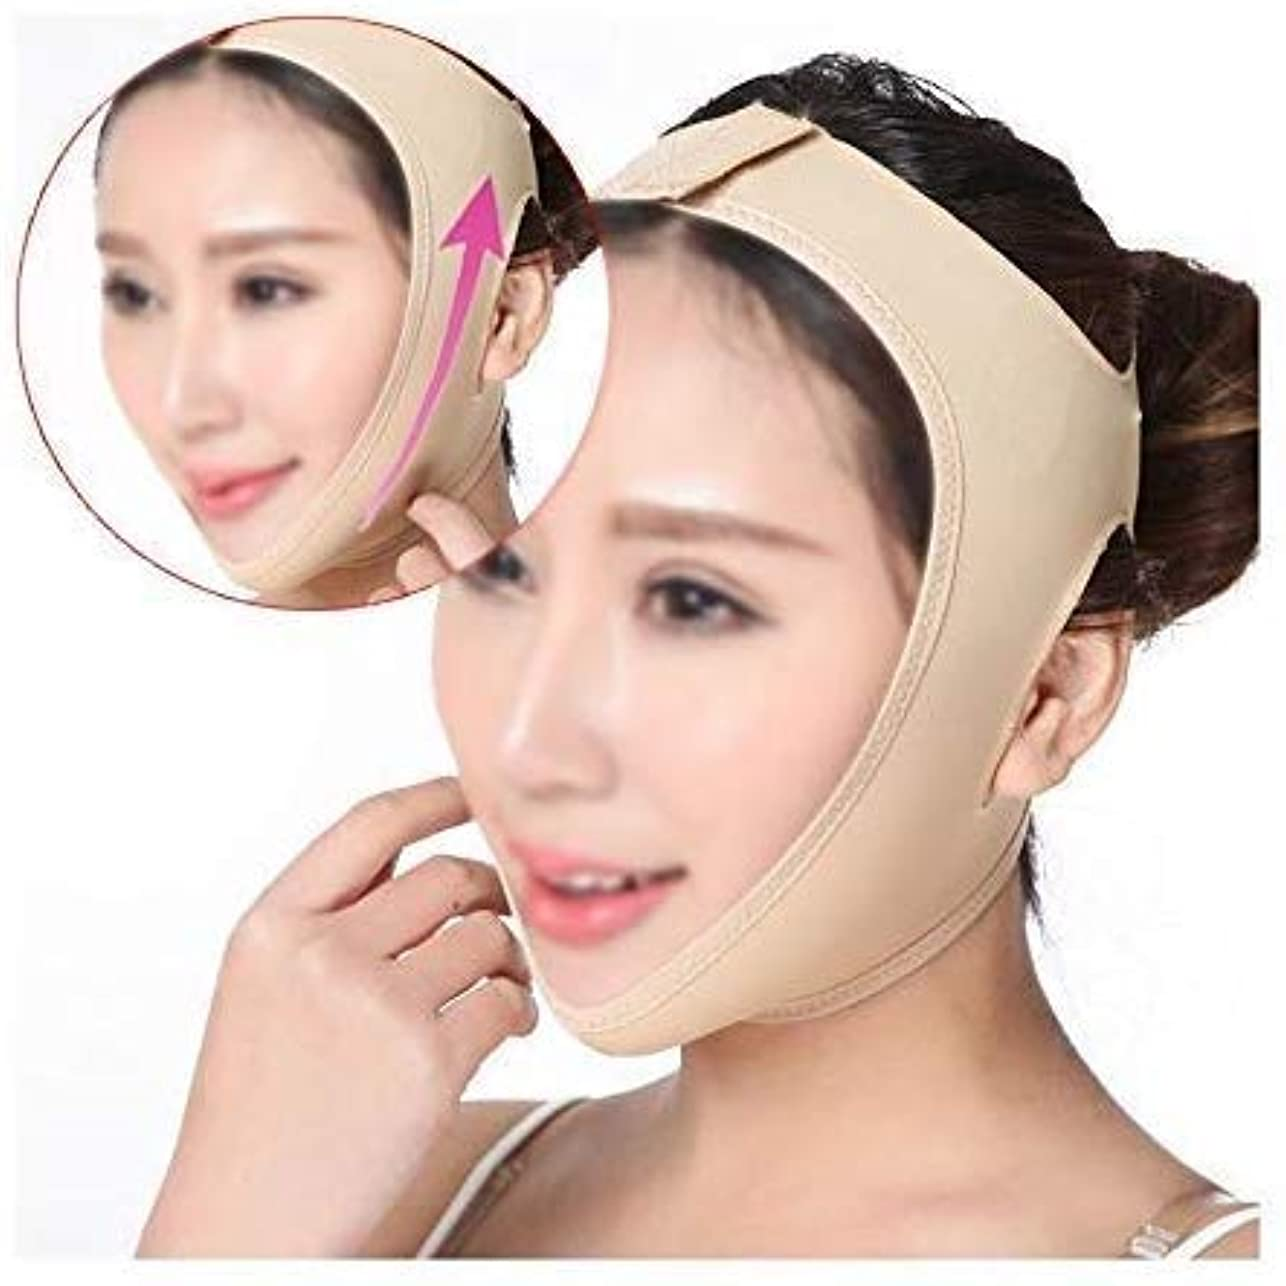 一般化する水星暴力的な美容と実用的なファーミングフェイスマスク、フェイスマスク 顔の包帯V顔デバイス睡眠薄いフェイスマスク顔マッサージ機器フェイスリフティングフェイスリフティングツール(サイズ:M)